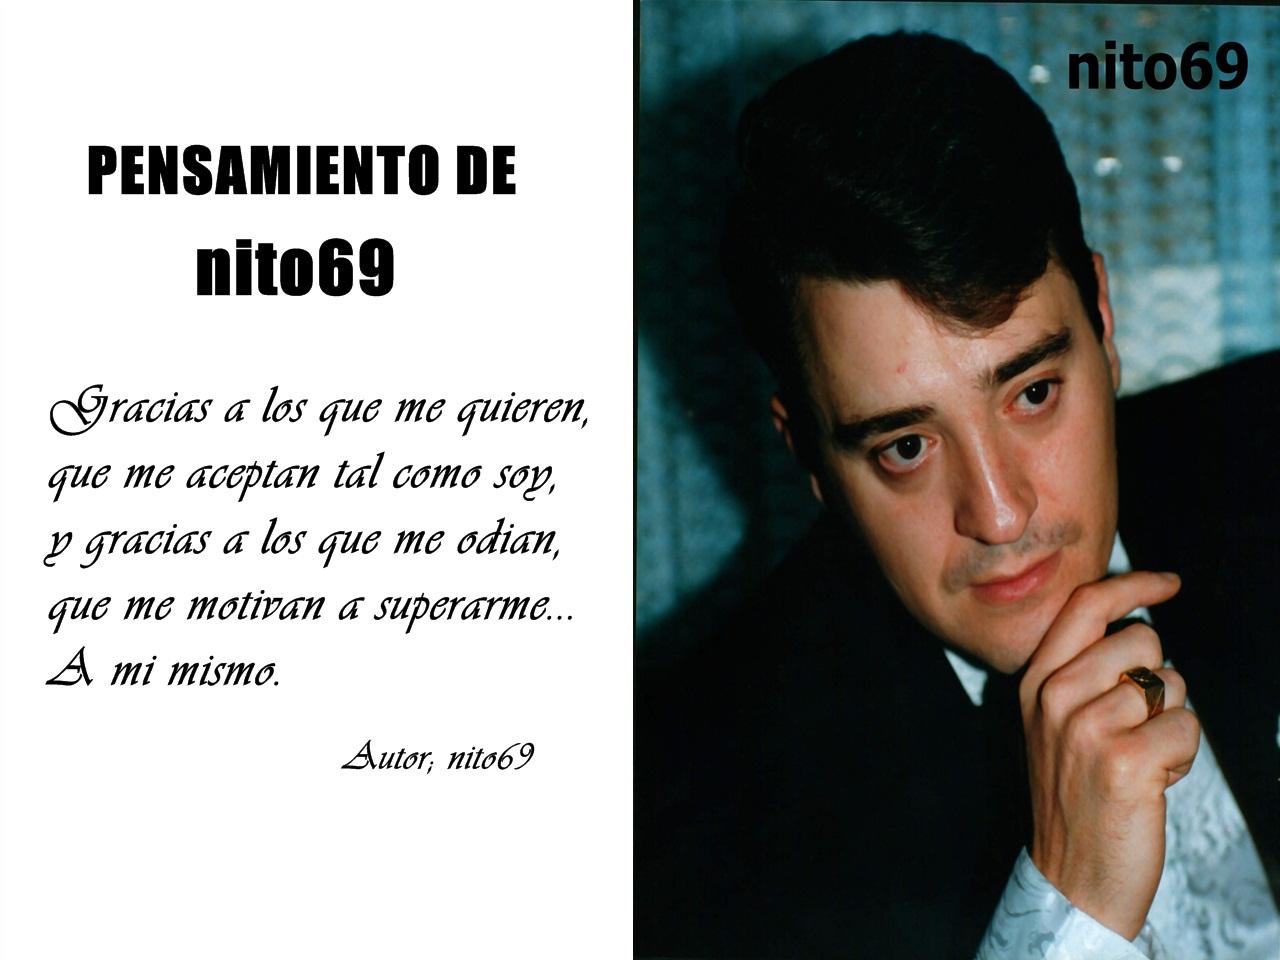 PENSAMIENTO DE nito69